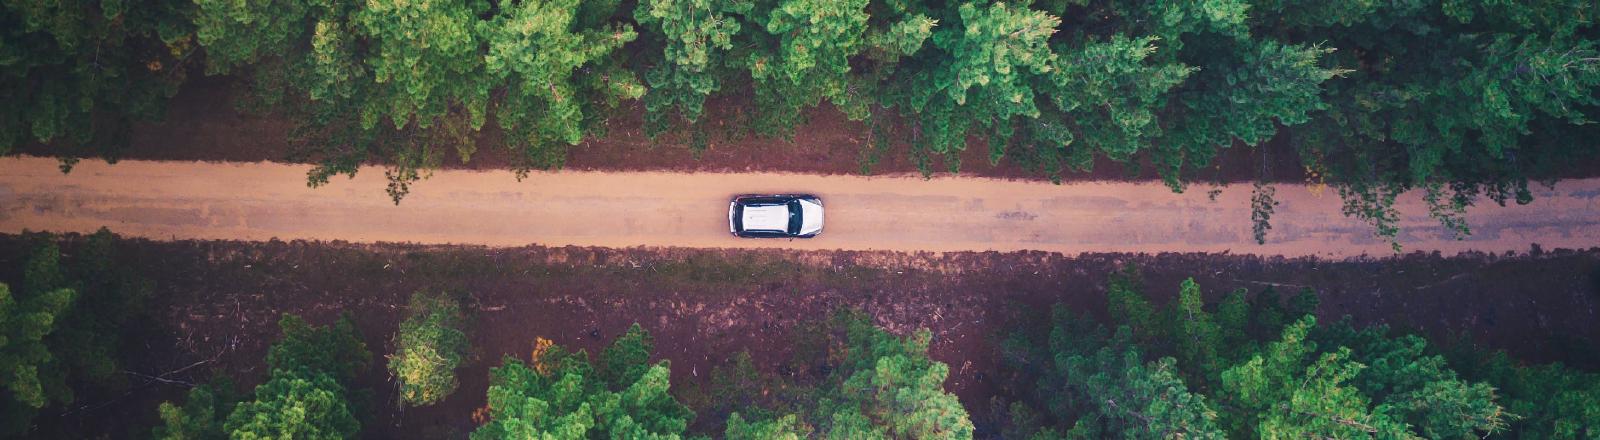 Ein Auto aus der Vogelperspektive fährt über einen Waldweg.